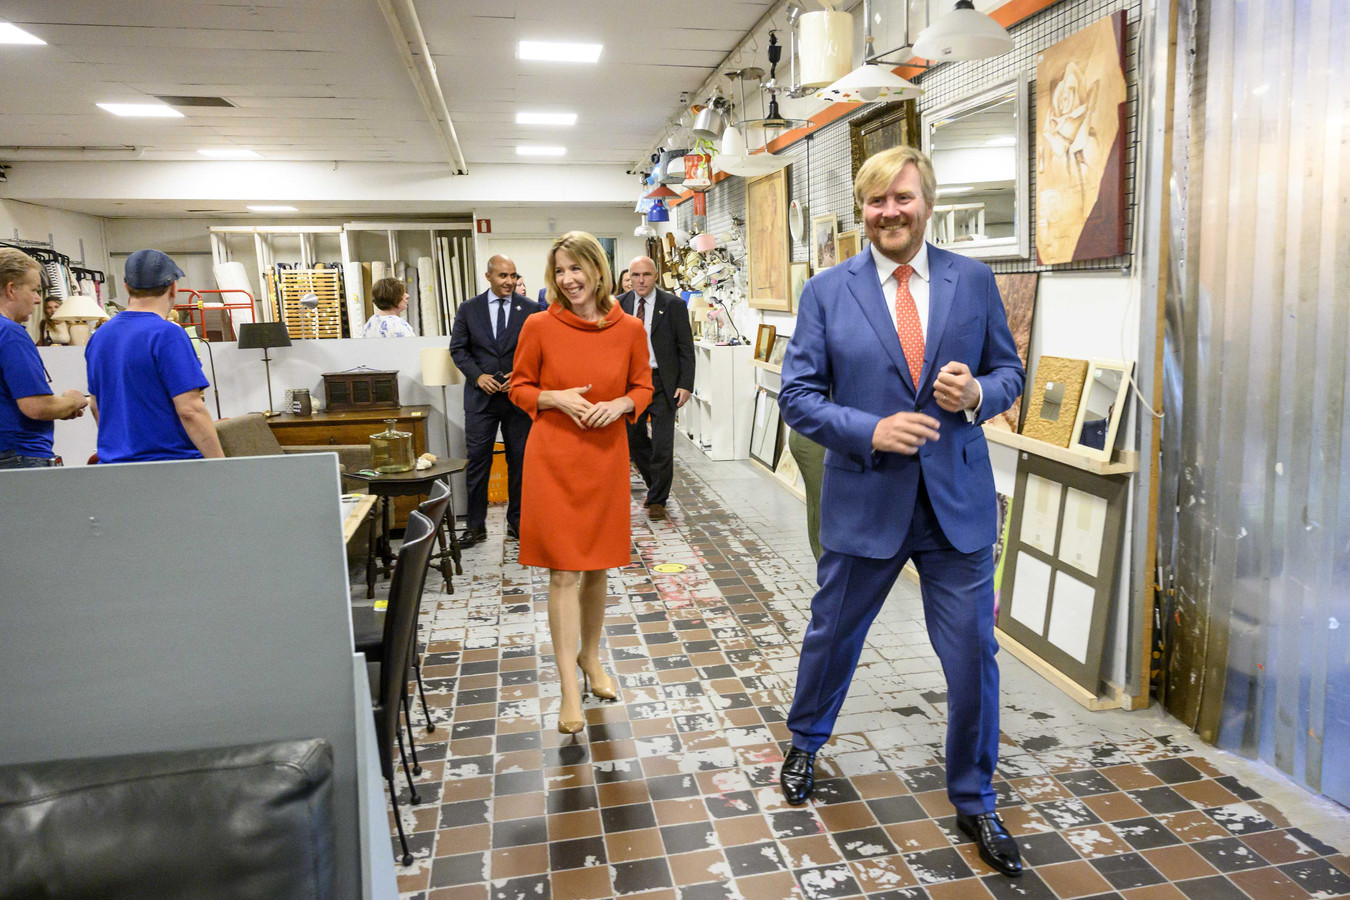 Koning Willem-Alexander en staatssecretaris Van Veldhoven brachten een bezoek aan La Poubelle in Tilburg en Schijvens Corporate Fashion in Hilvarenbeek.